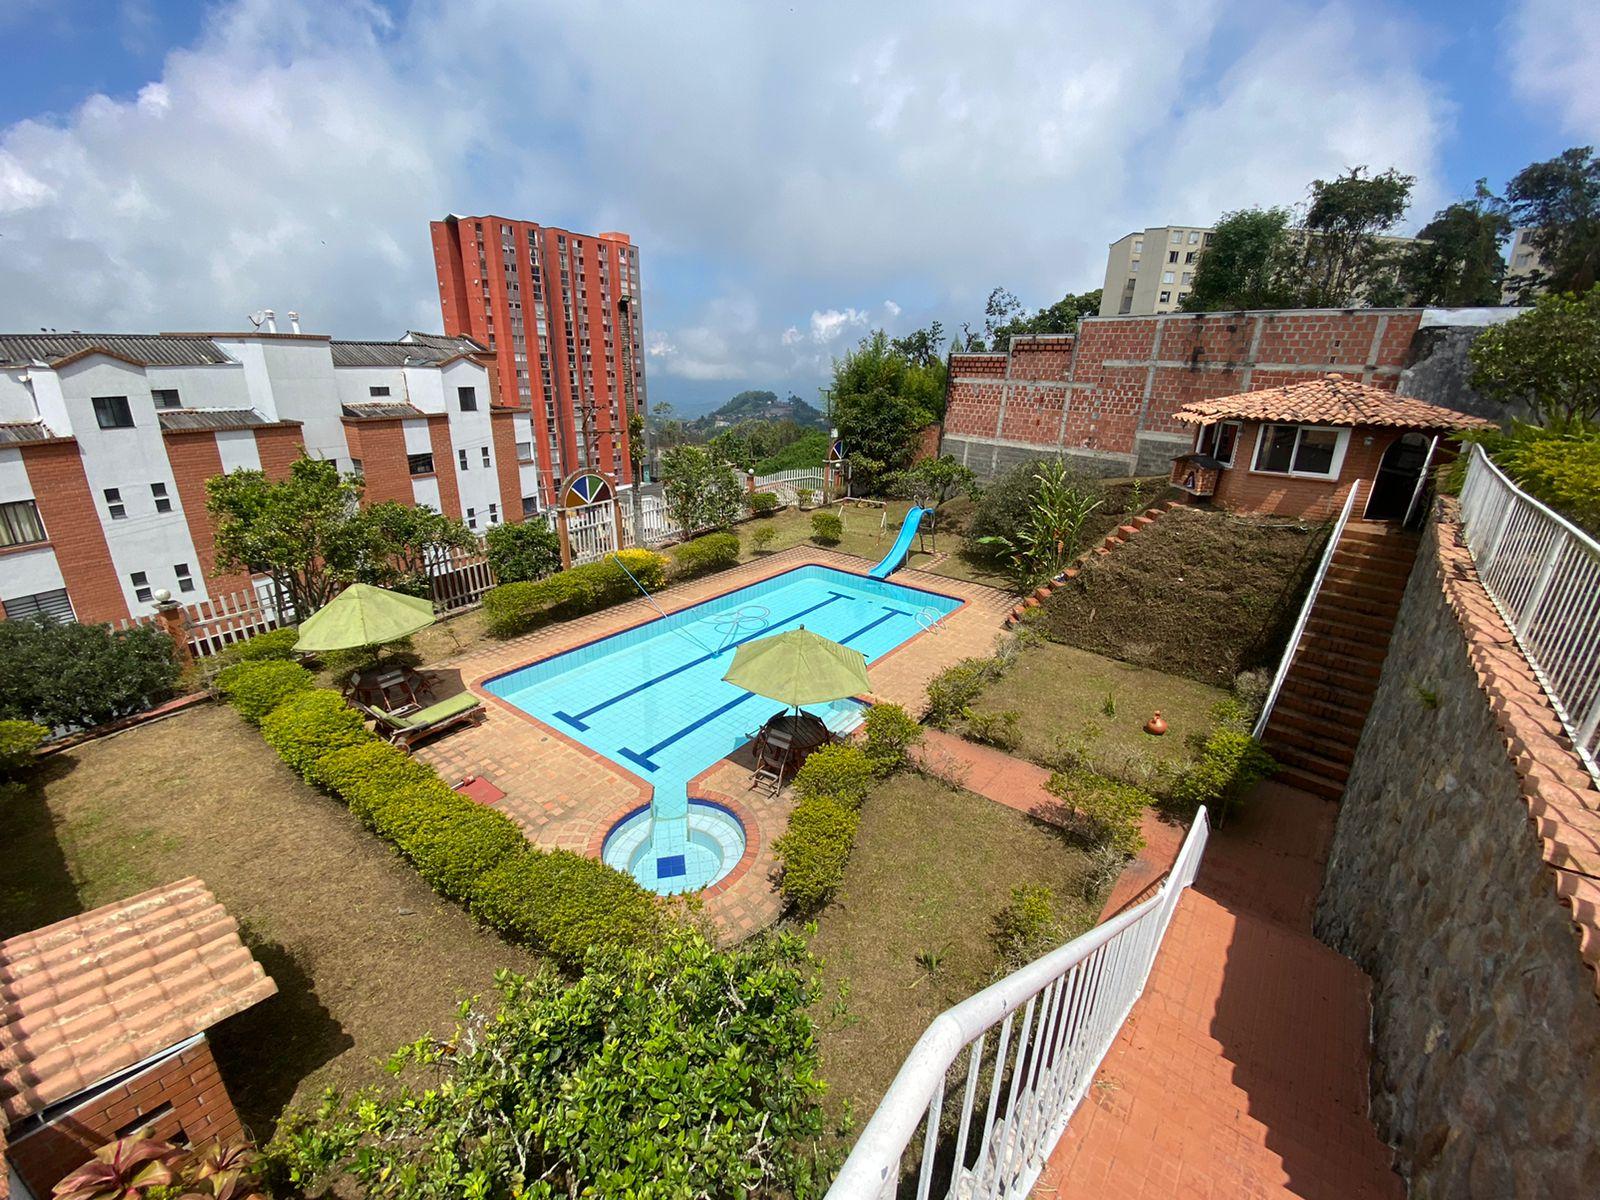 CVOC-0138 Se vende casa en Manizales, en sector residencial.